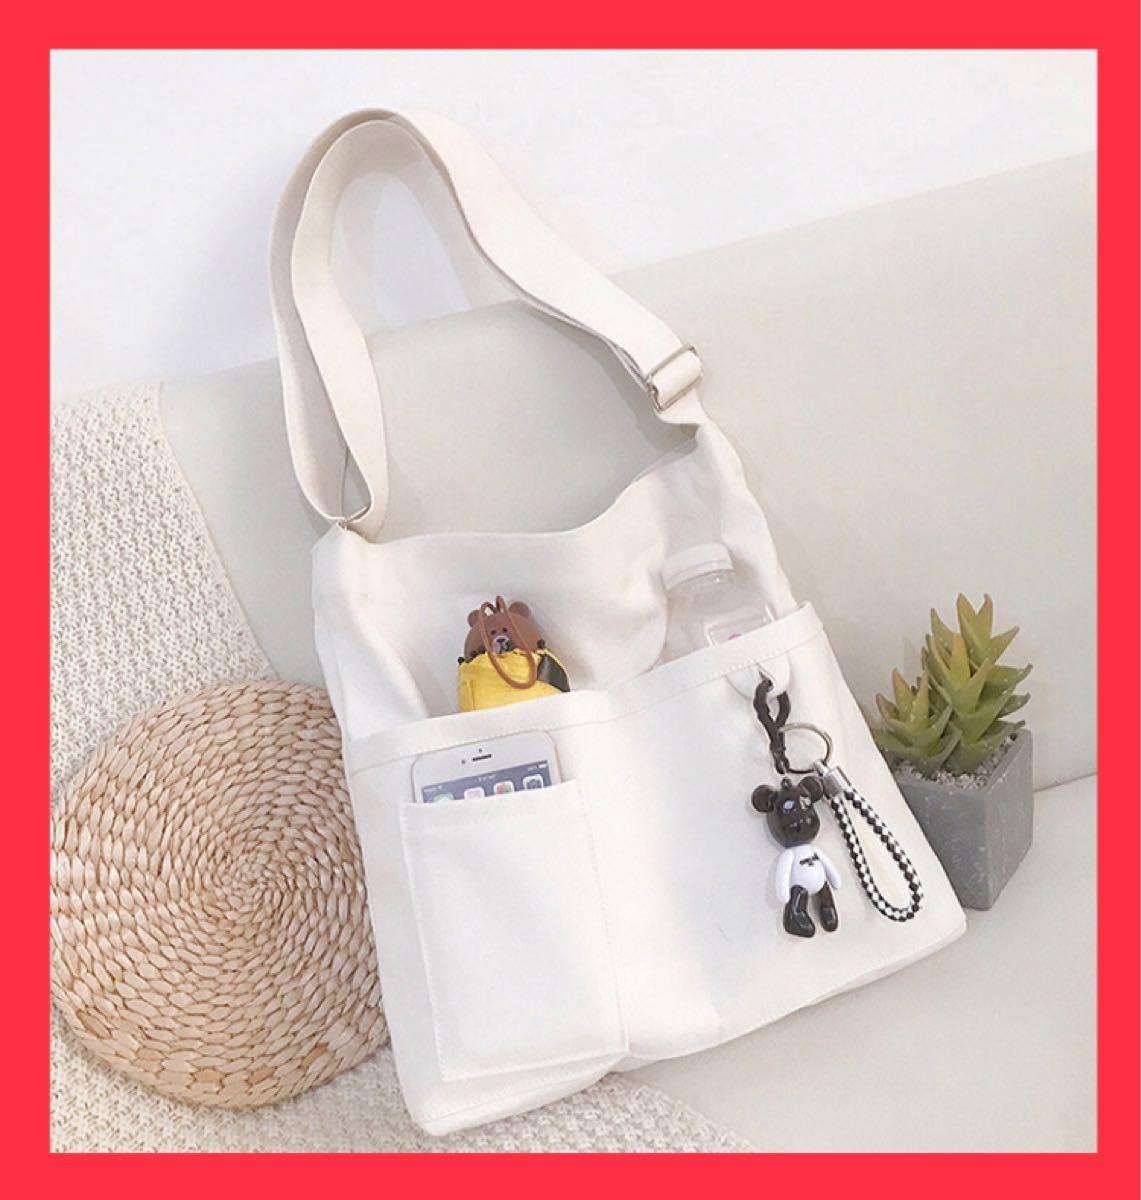 トートバッグ  ショルダーバッグ 白  ホワイト  レディースバッグ 韓国 キャンバスバッグ メンズバッグ 大容量